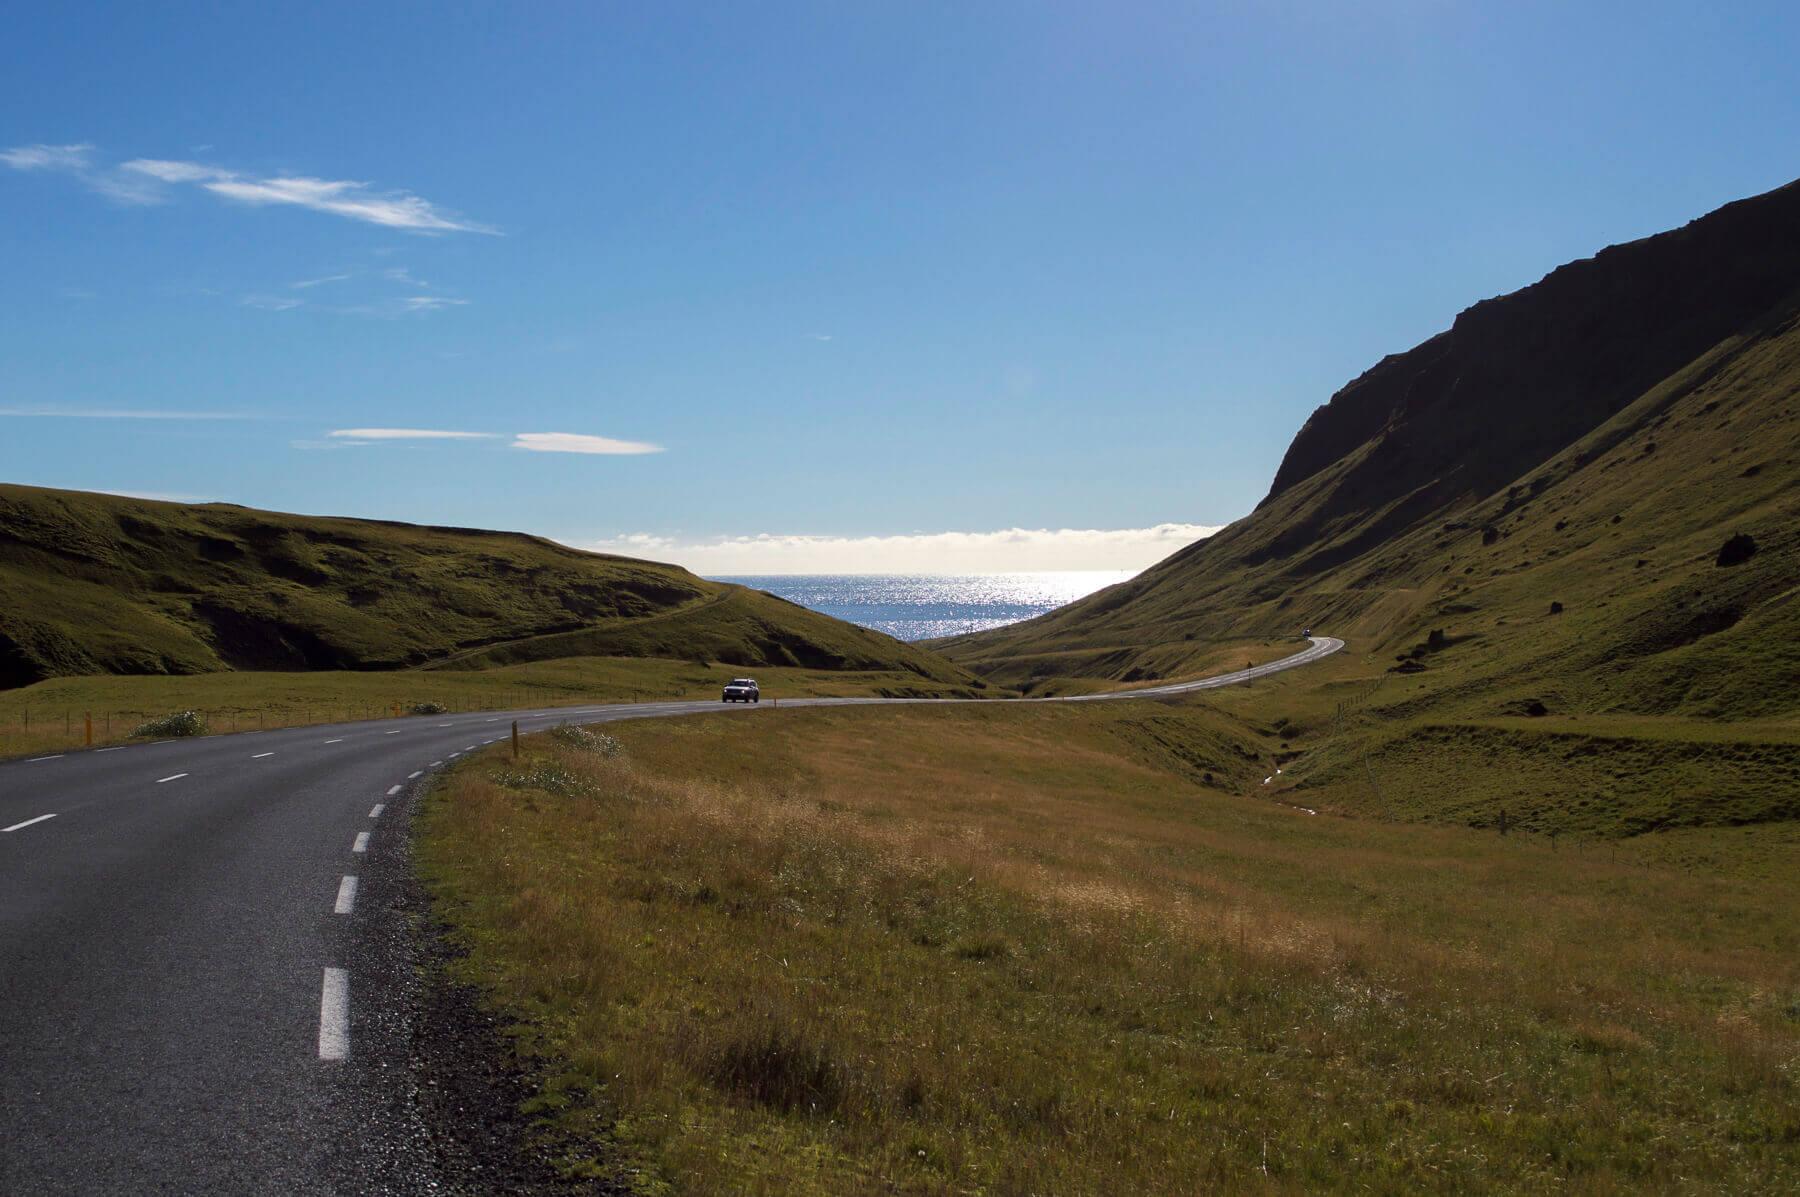 Road towards the ocean through a valley